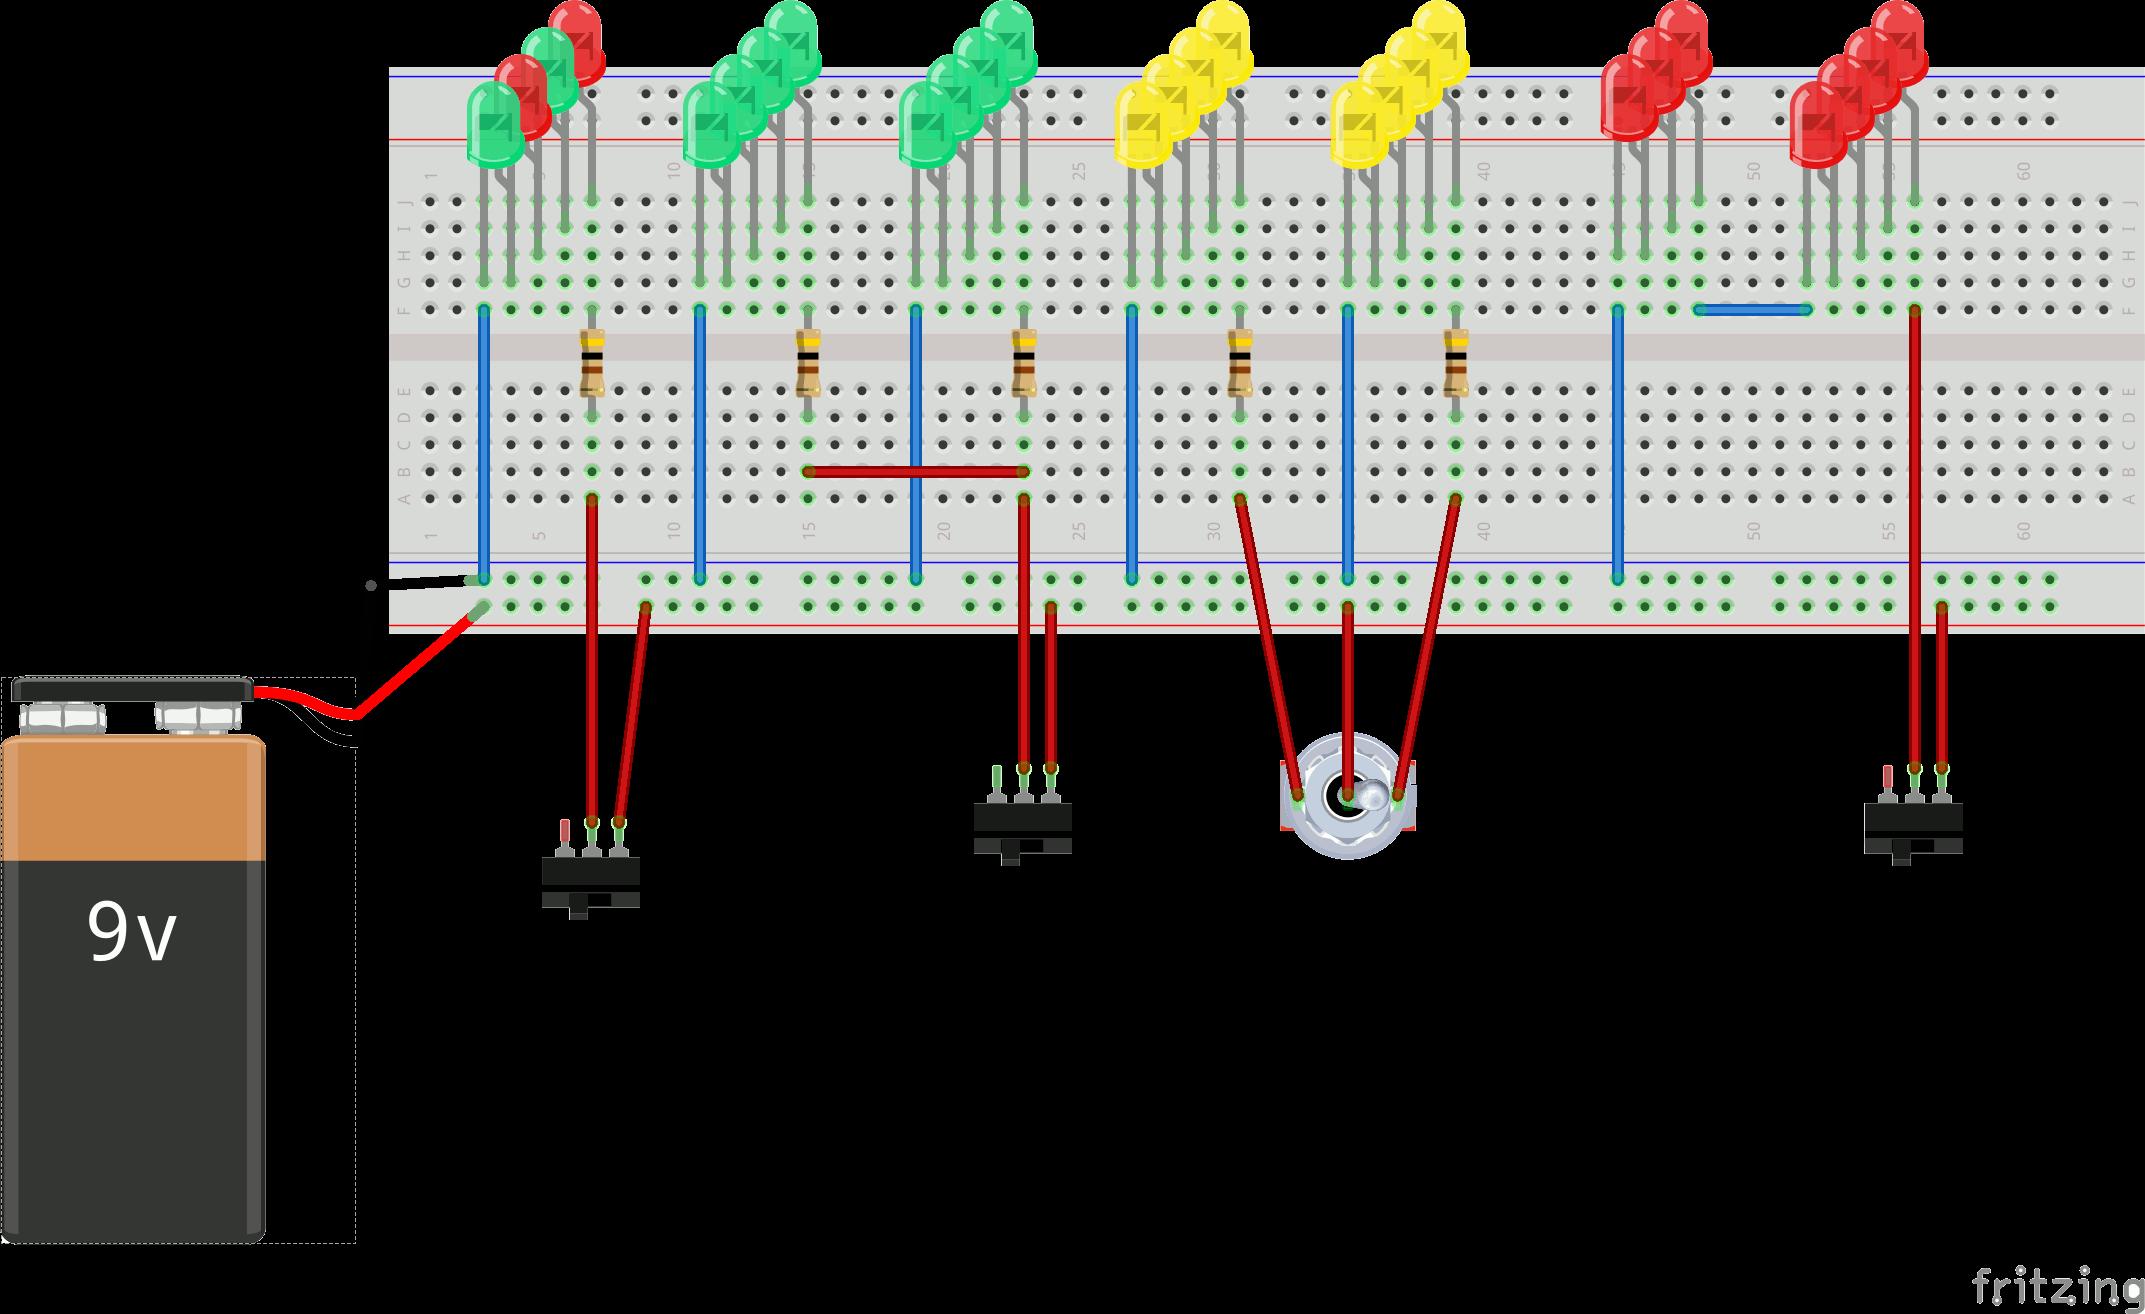 Pleasant Diy Trailer Wiring Tester Online Wiring Diagram Wiring Cloud Staixaidewilluminateatxorg